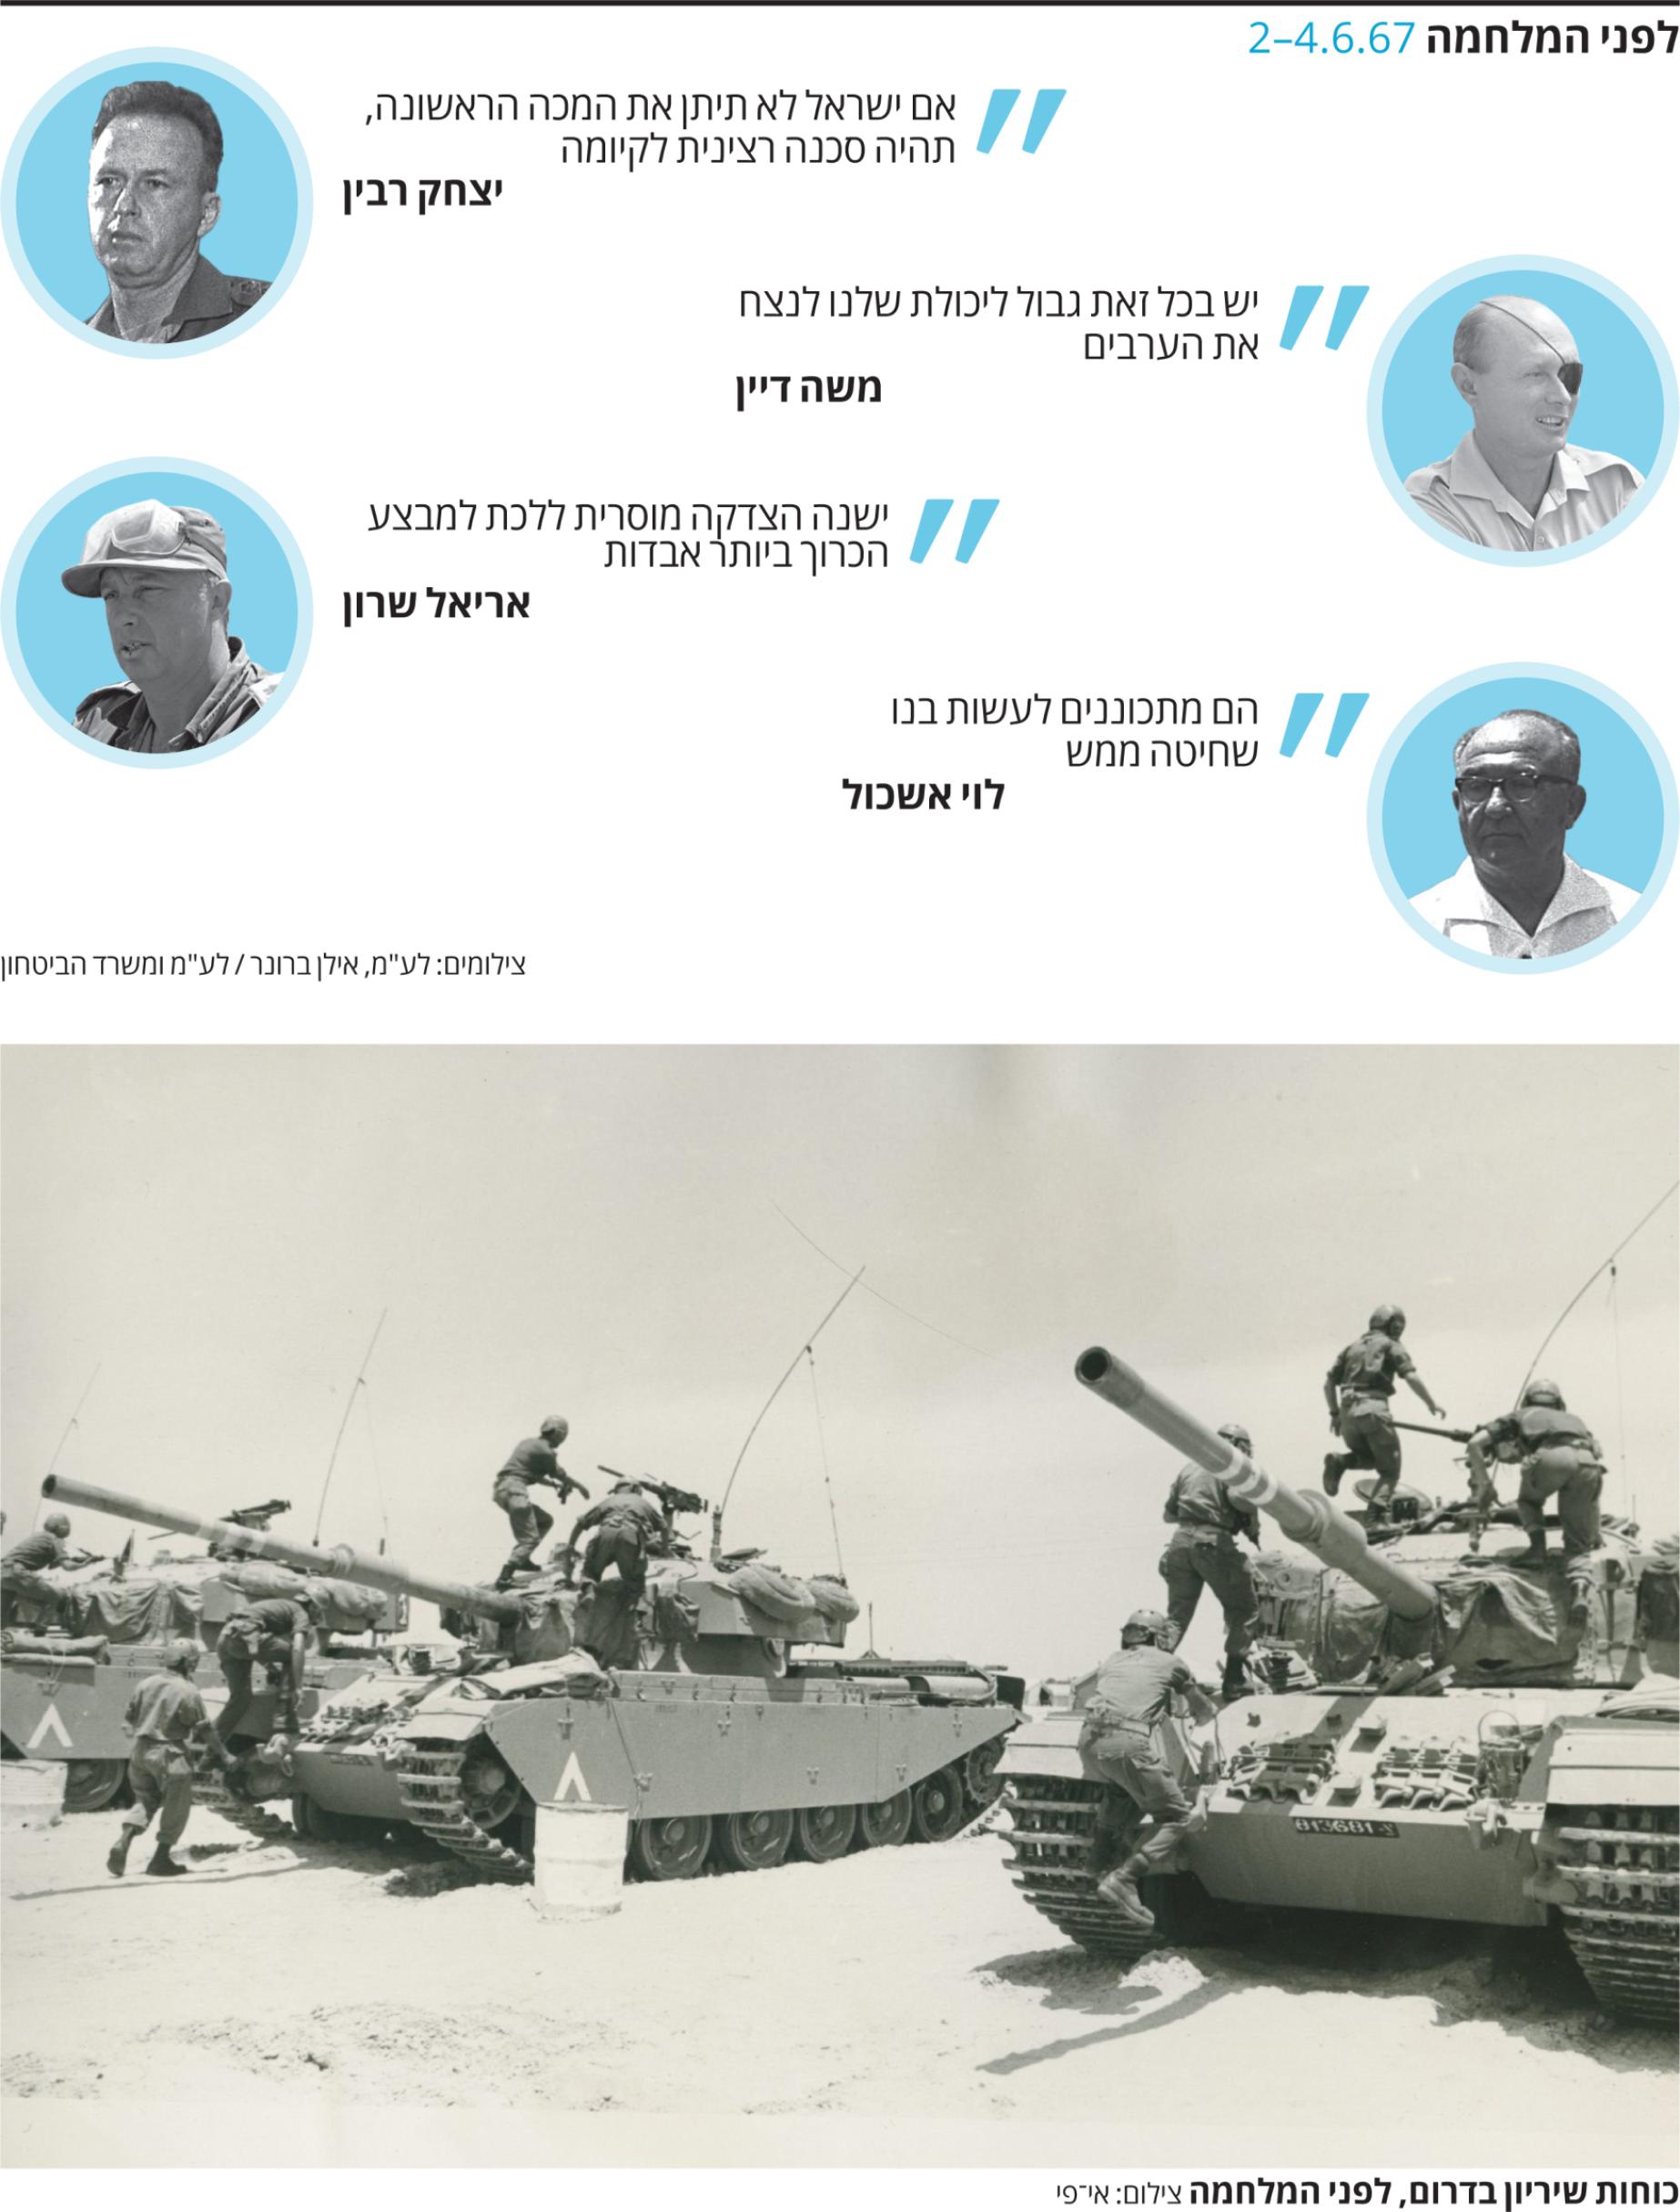 جنود الاحتلال خلال الاستعداد لغزو سيناء